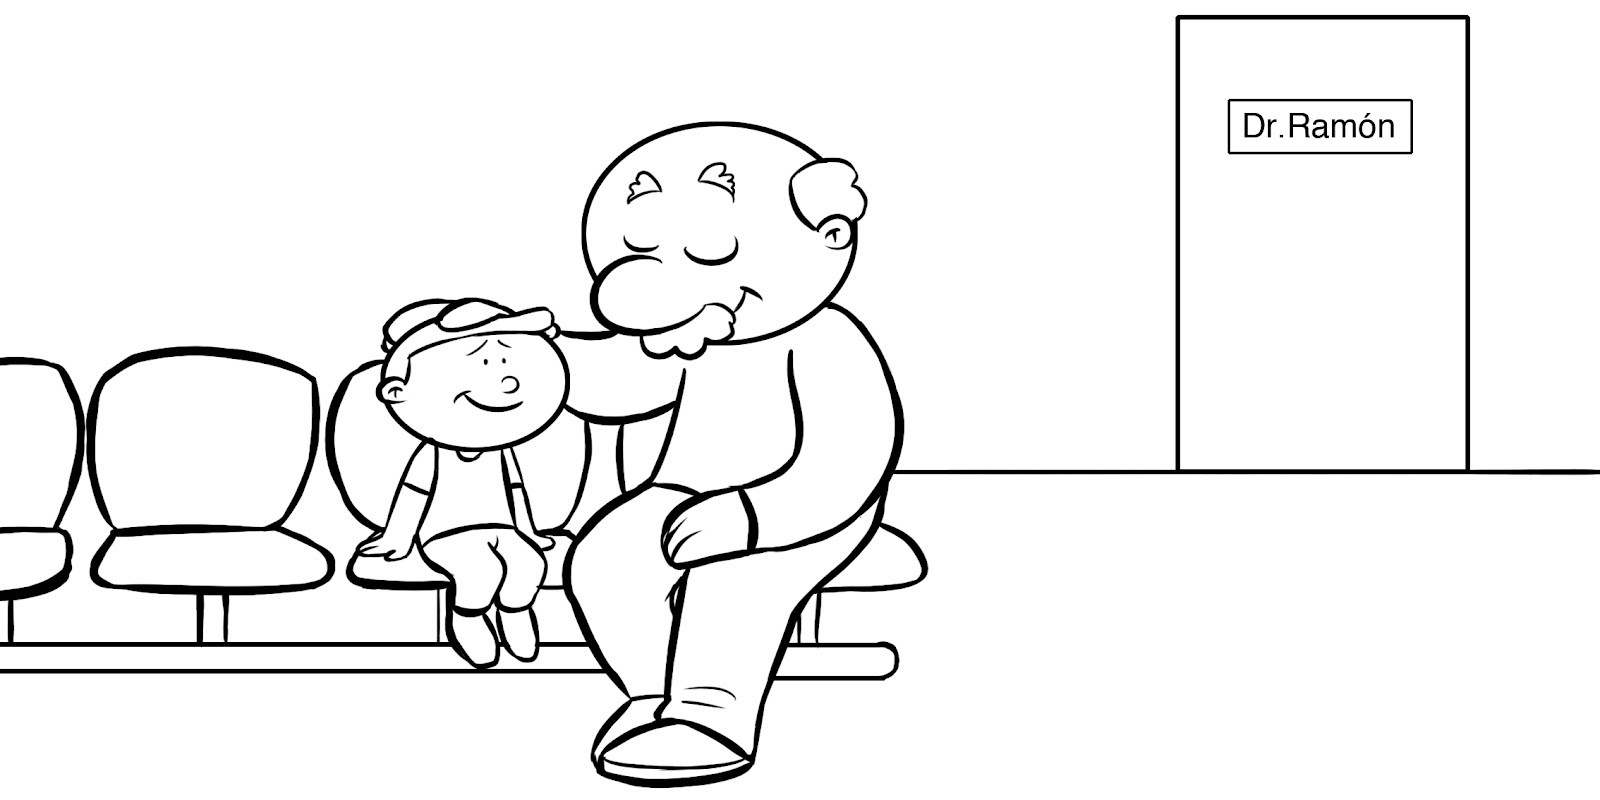 Dorable Dia De Los Padres Para Colorear Para El Abuelo Elaboración ...